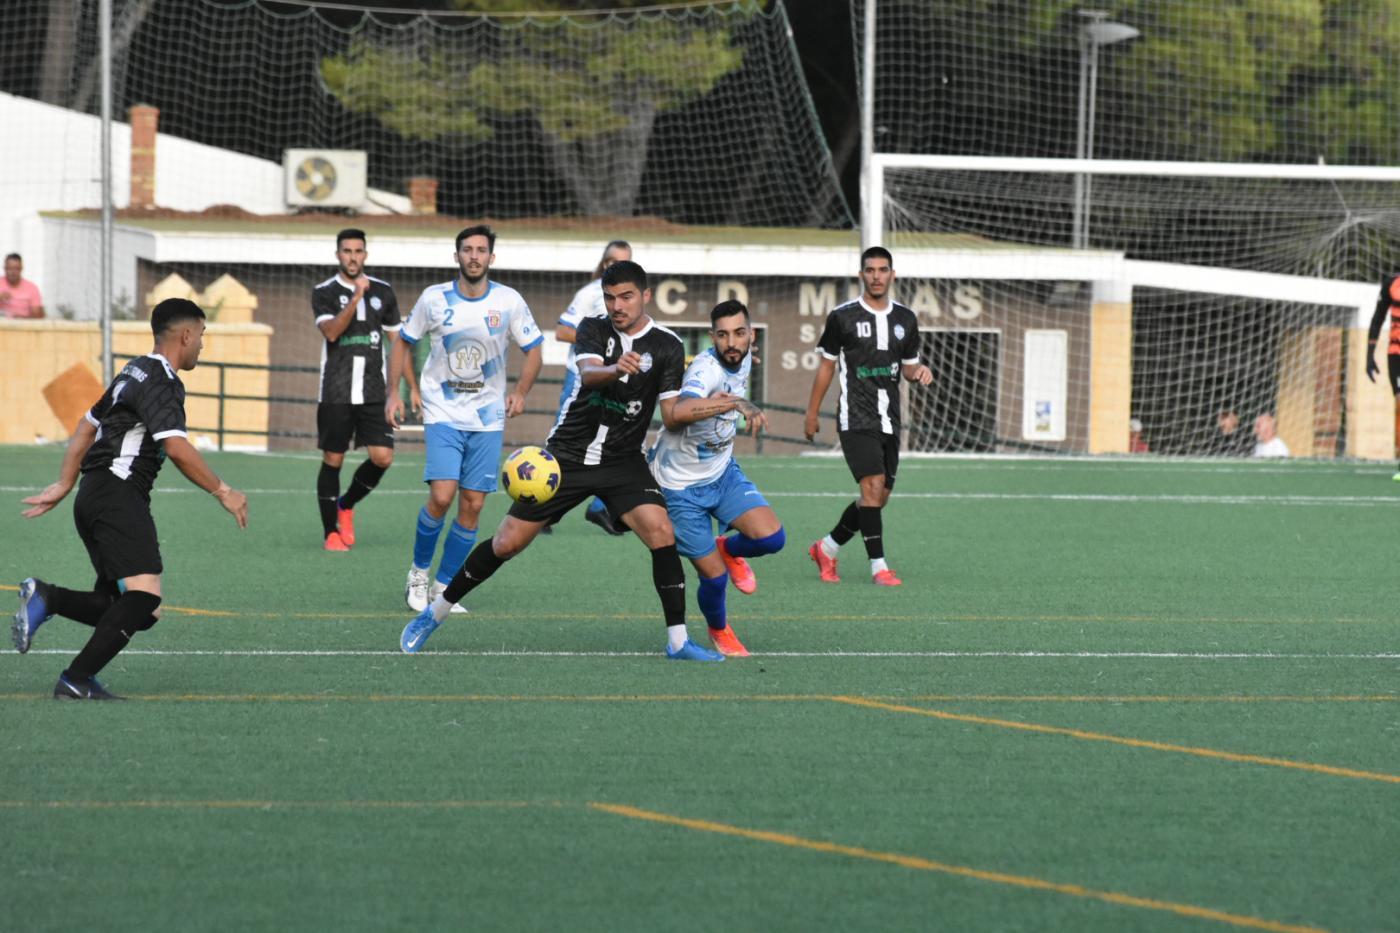 El Polideportivo Mijas-Las Lagunas superó al Mijas en la eliminatoria de Copa de Andalucía